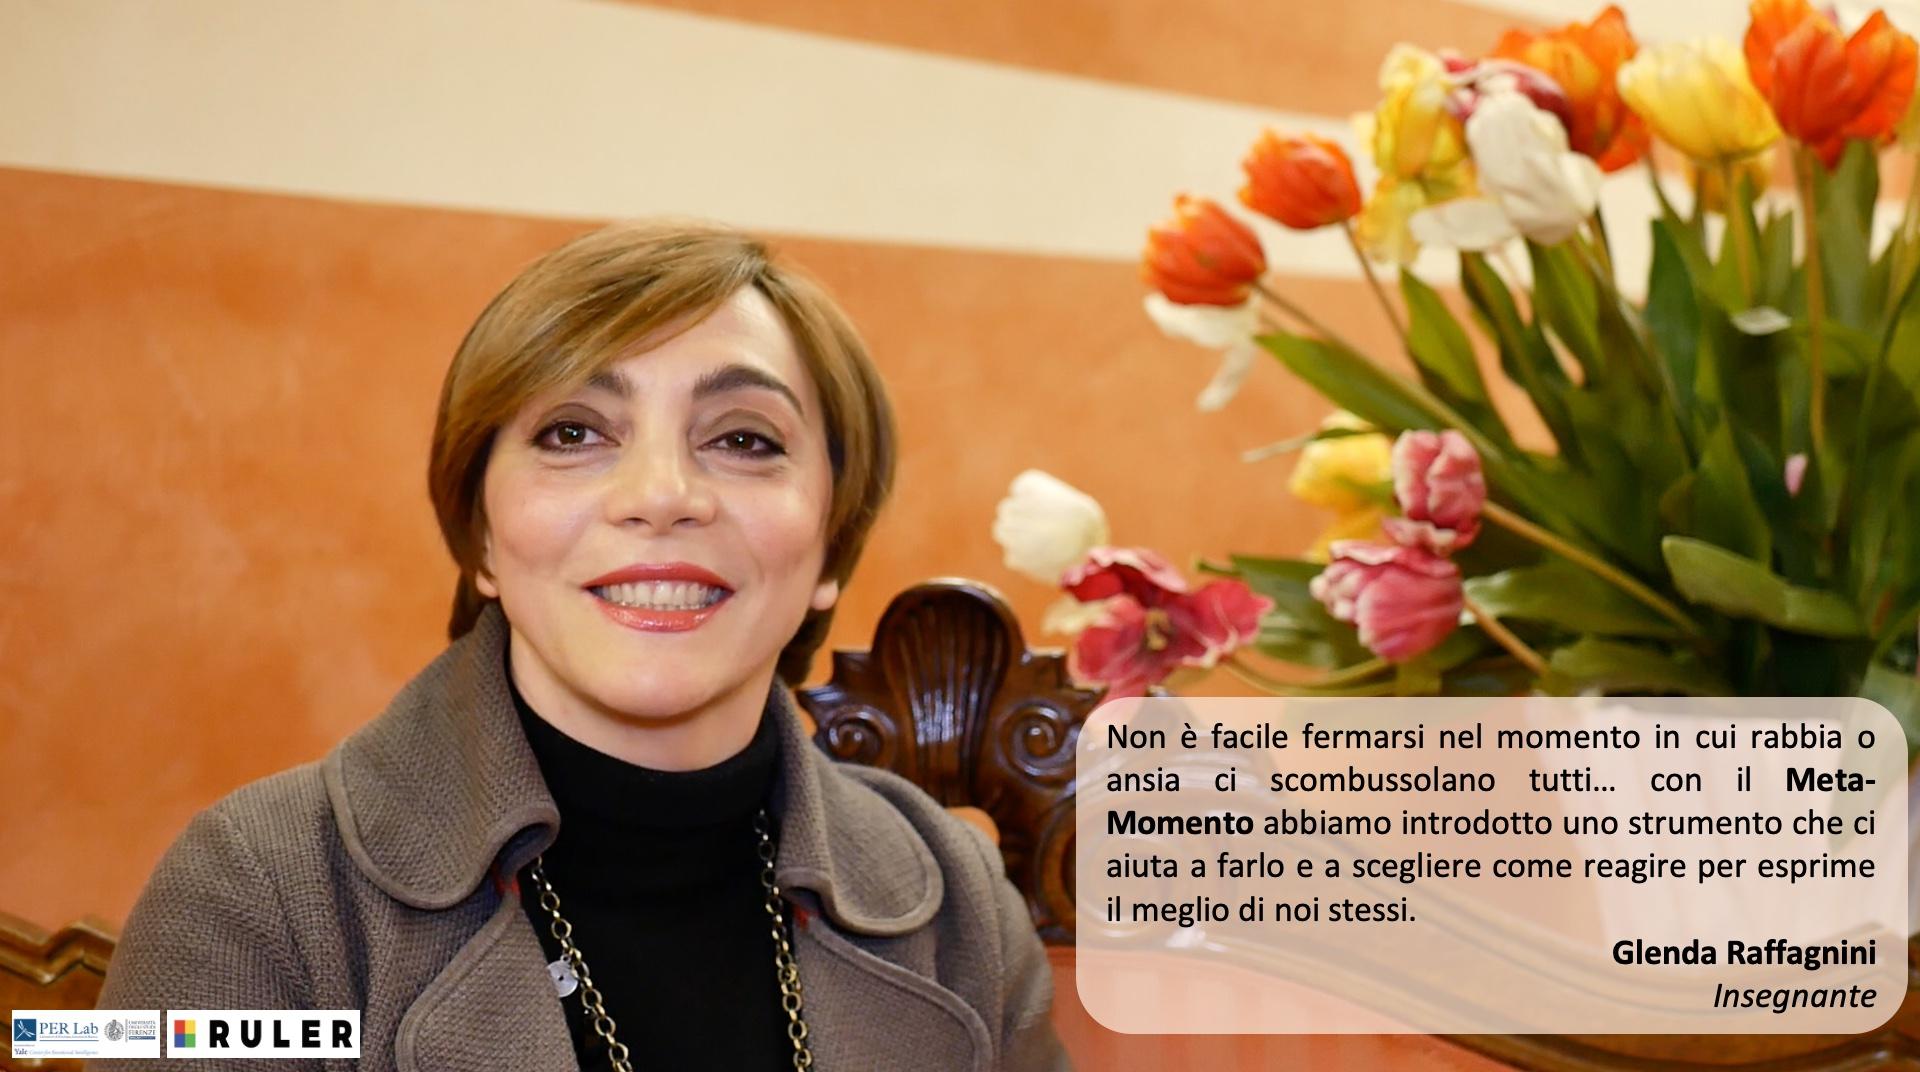 Glenda Raffagnini